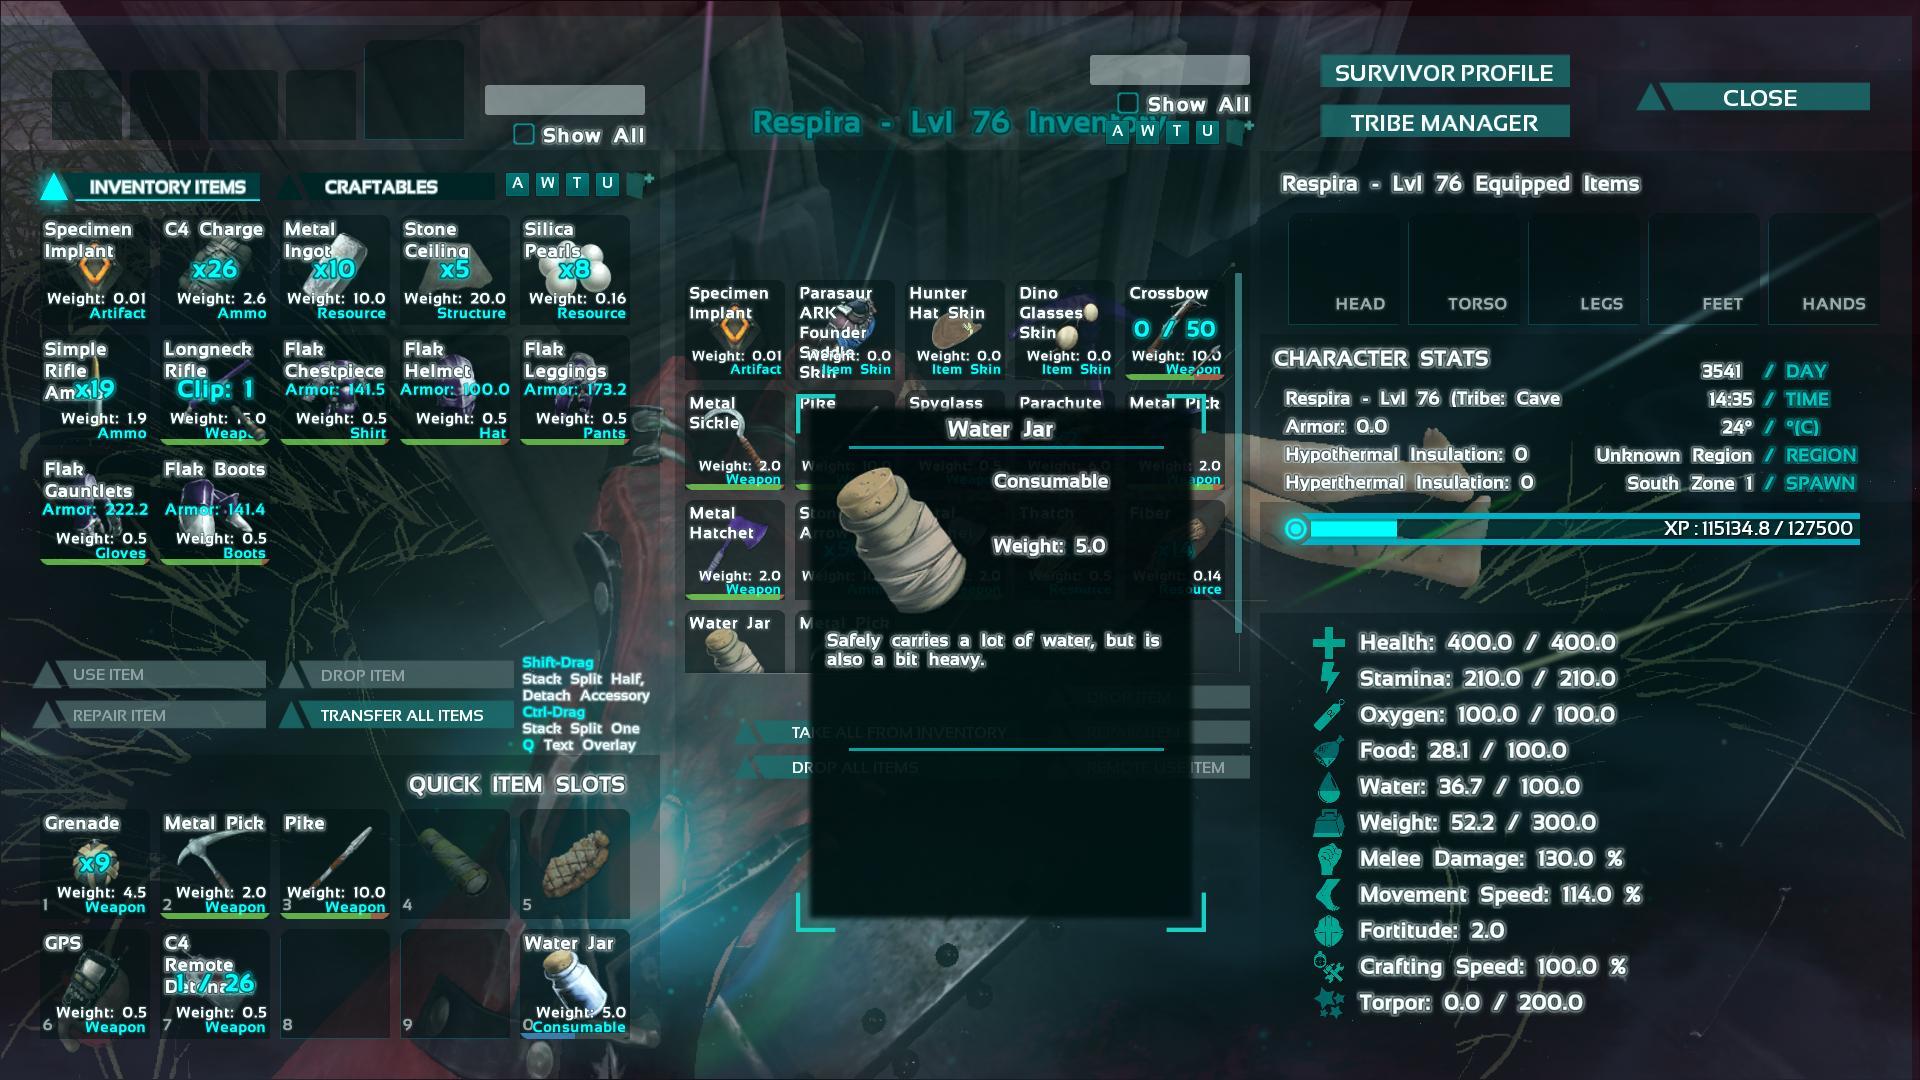 Water Jar ark screenshot - Gamingcfg com